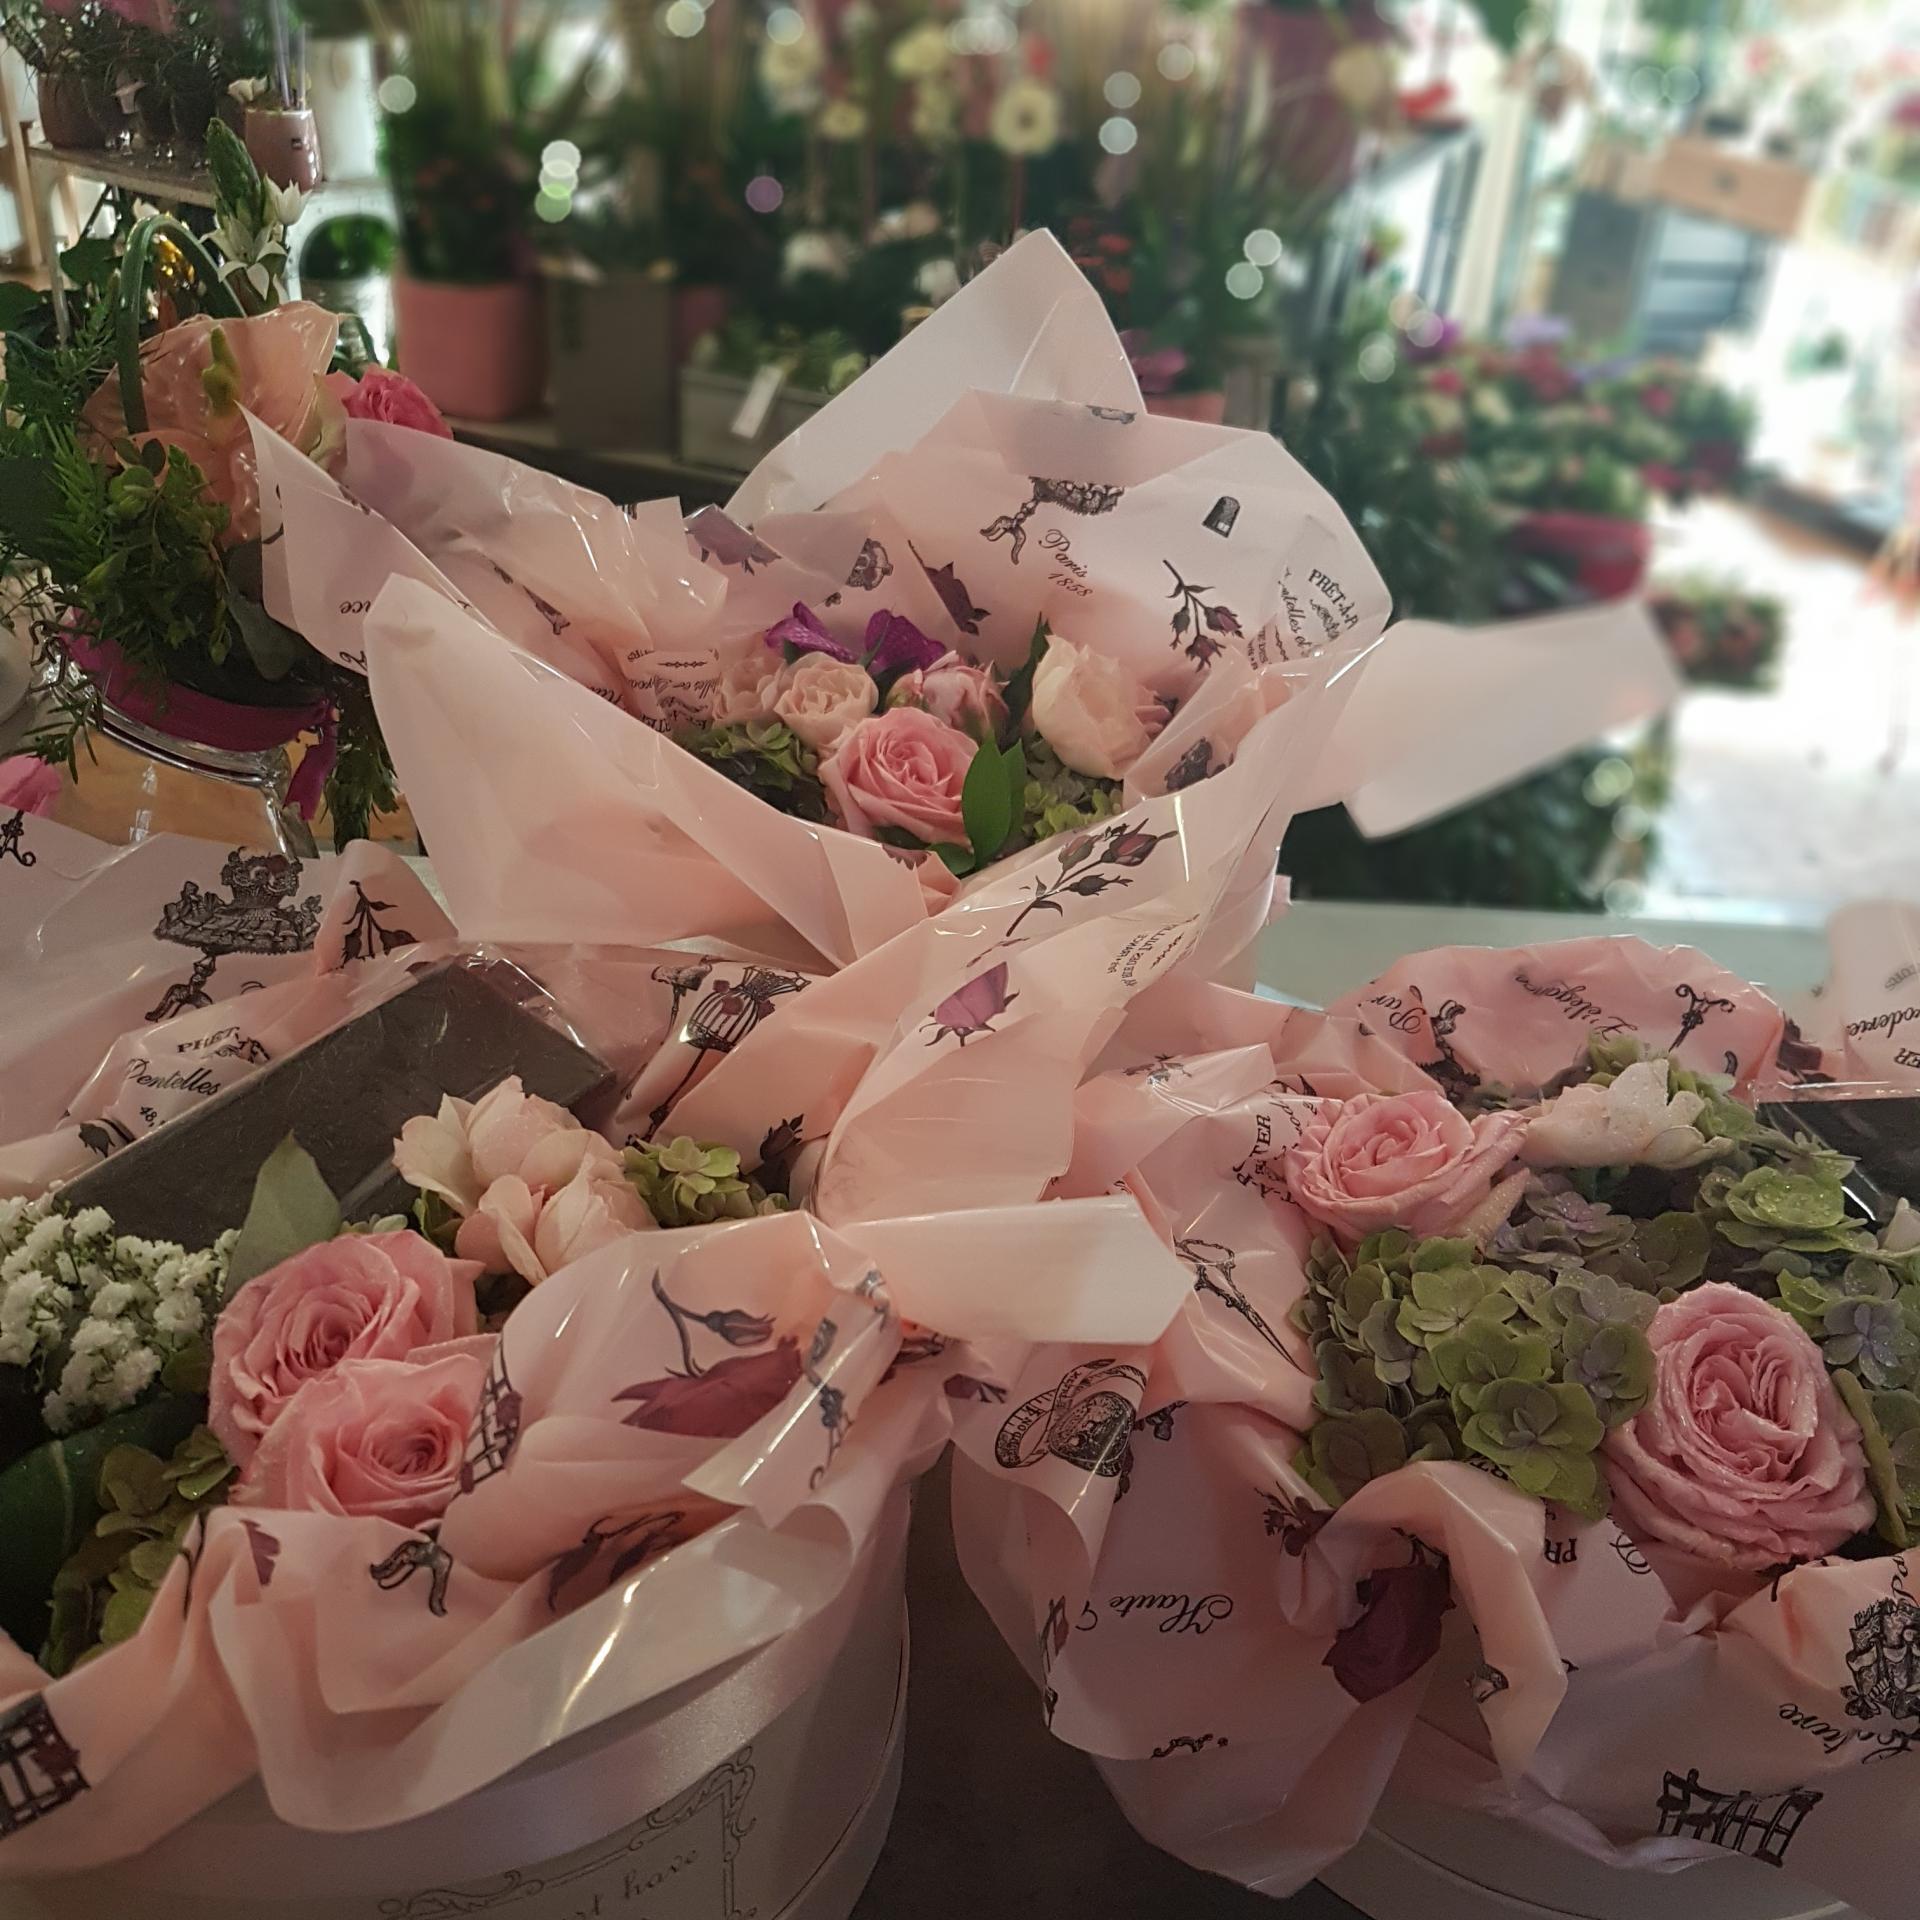 Idée cadeau boite a chapeau mariage naissance anniversairechez hé fleur et moi fleuriste Valenciennes boite a chapeau